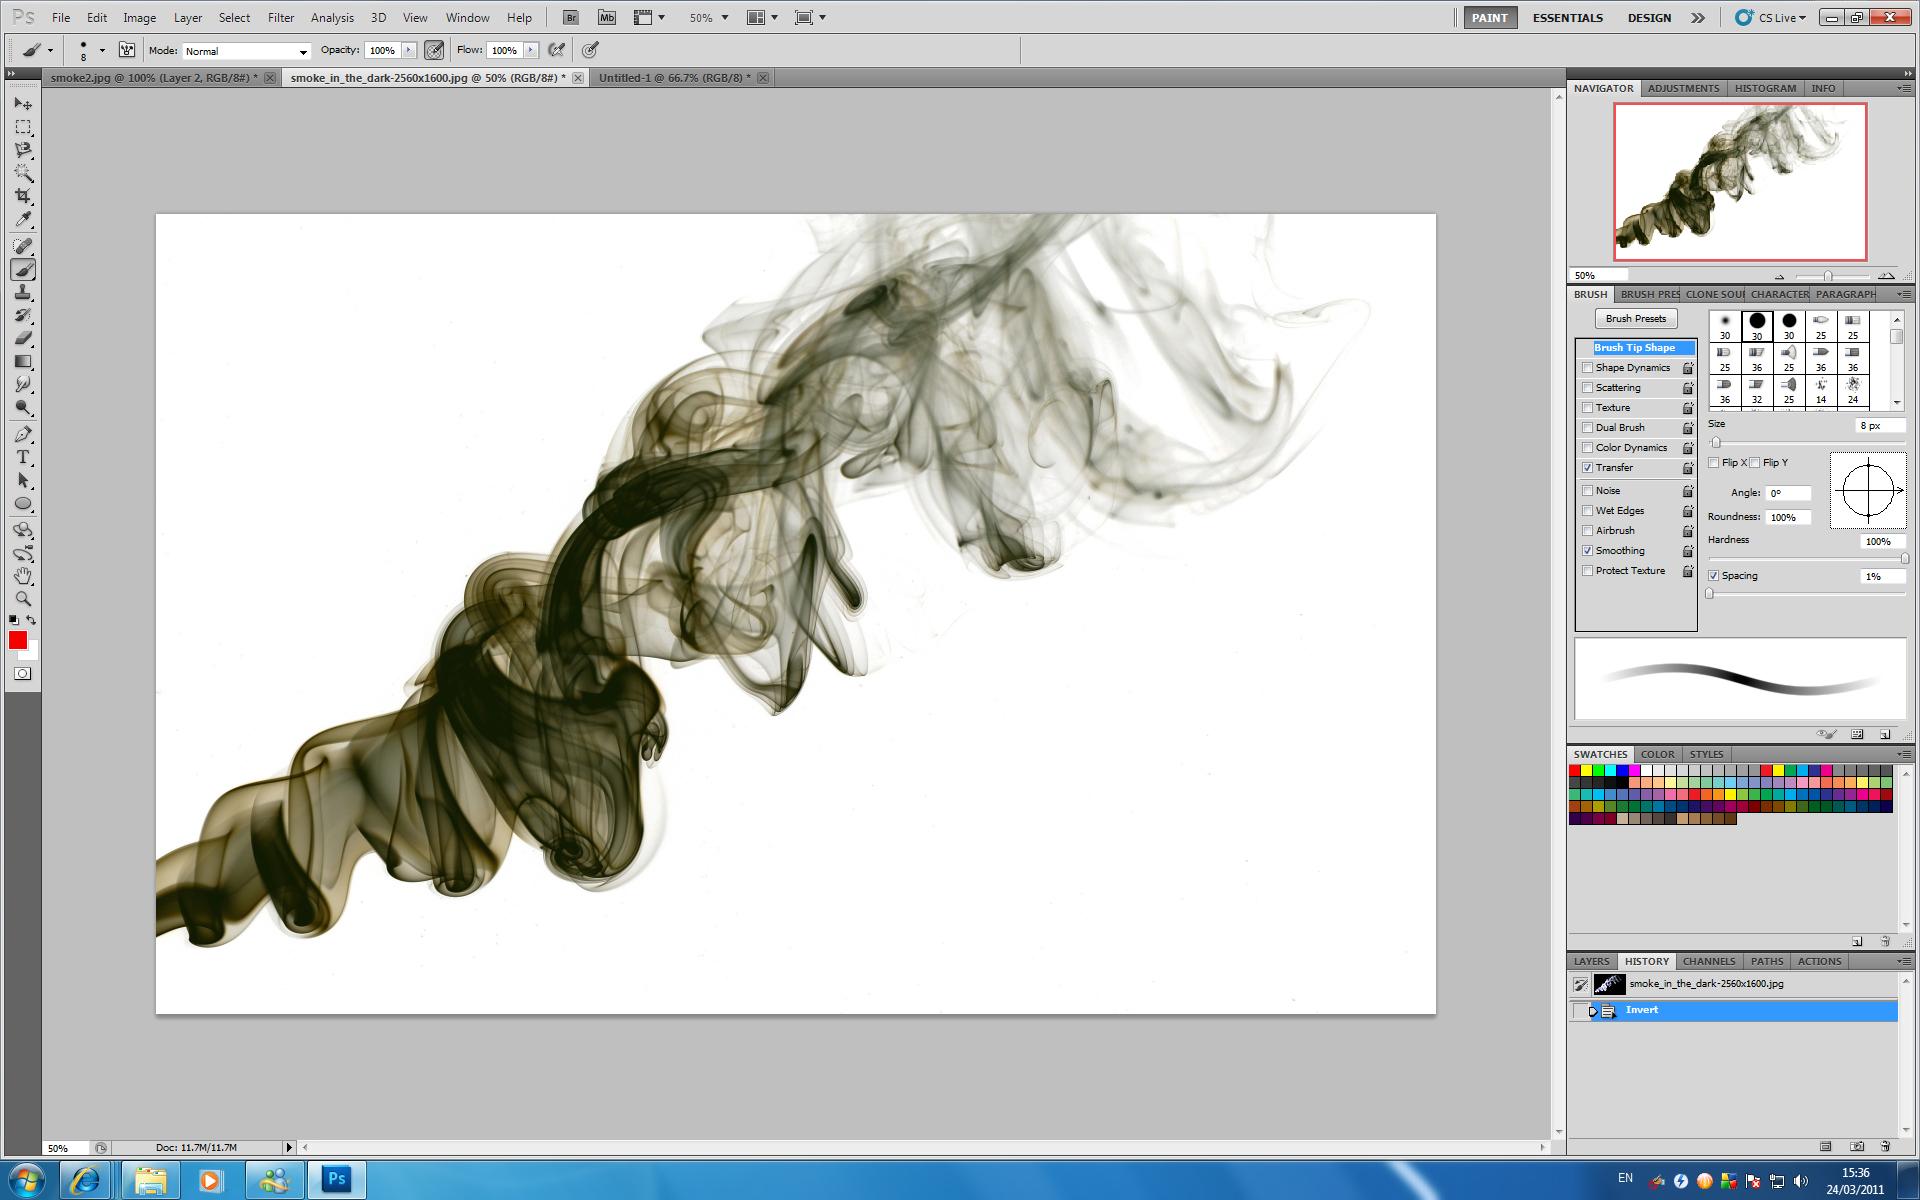 фотошоп видео уроки растворение в дыму